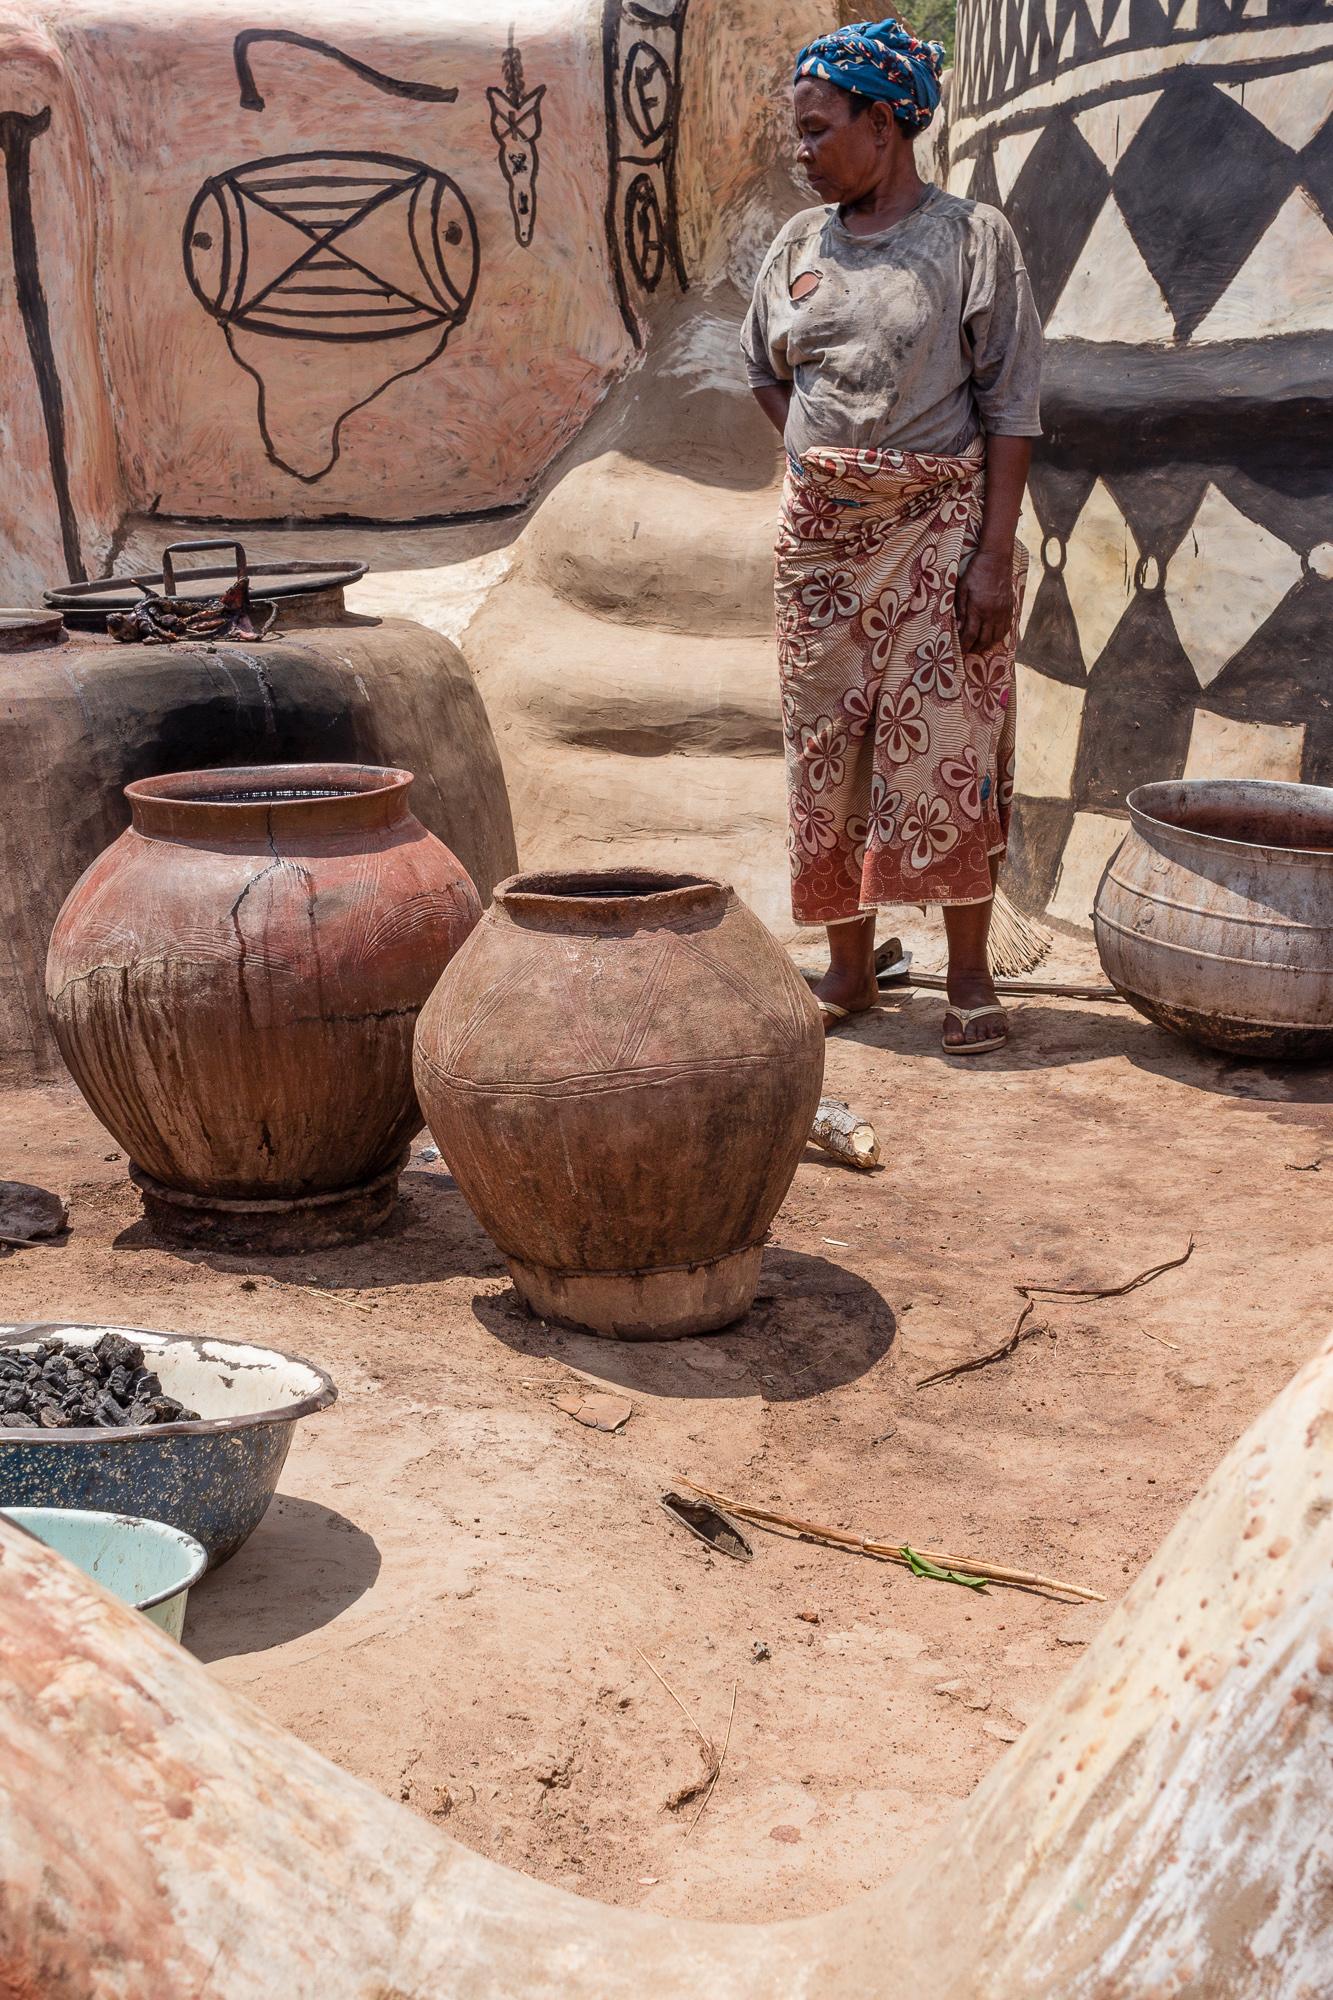 Femme se tenant devant sa brasserie de dolo, cour royale, Tiébélé, Burkina Faso